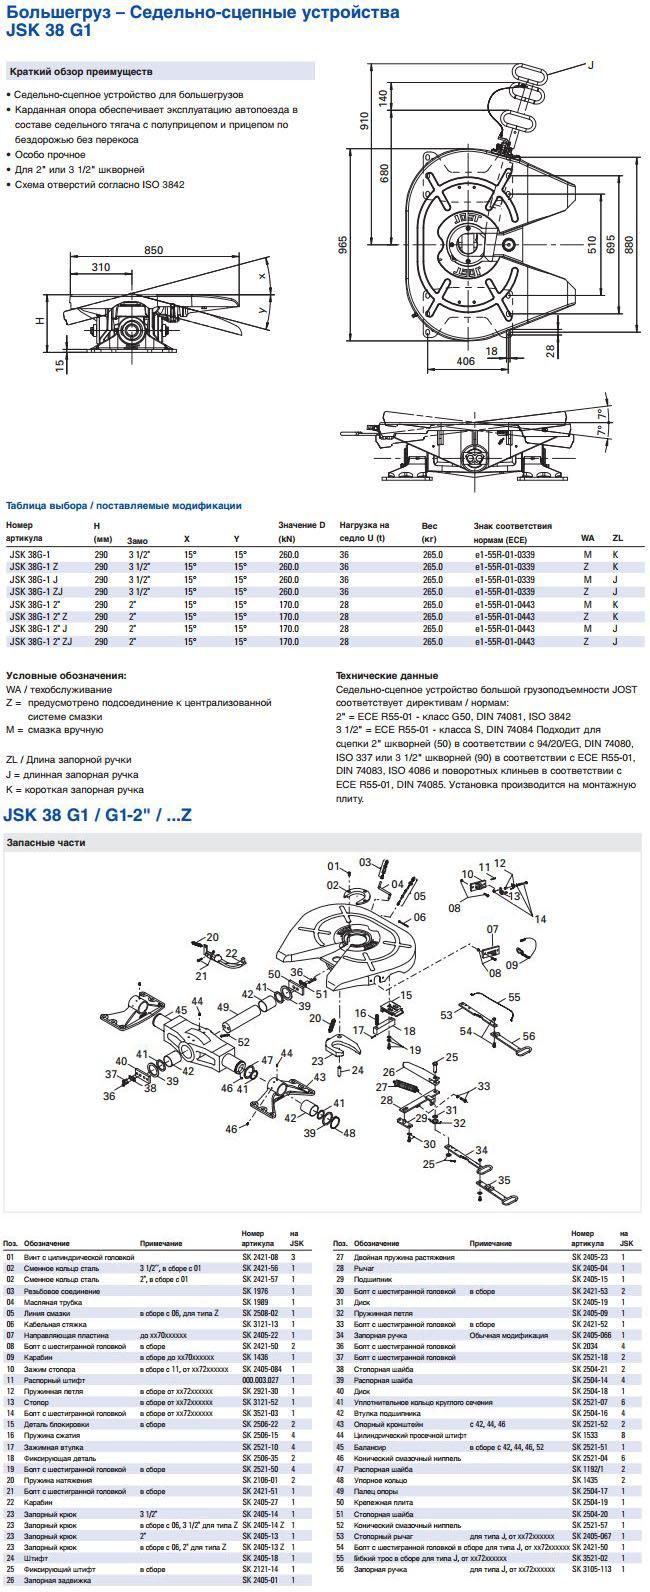 SSU-JOST-JSK-38-G1-TTX